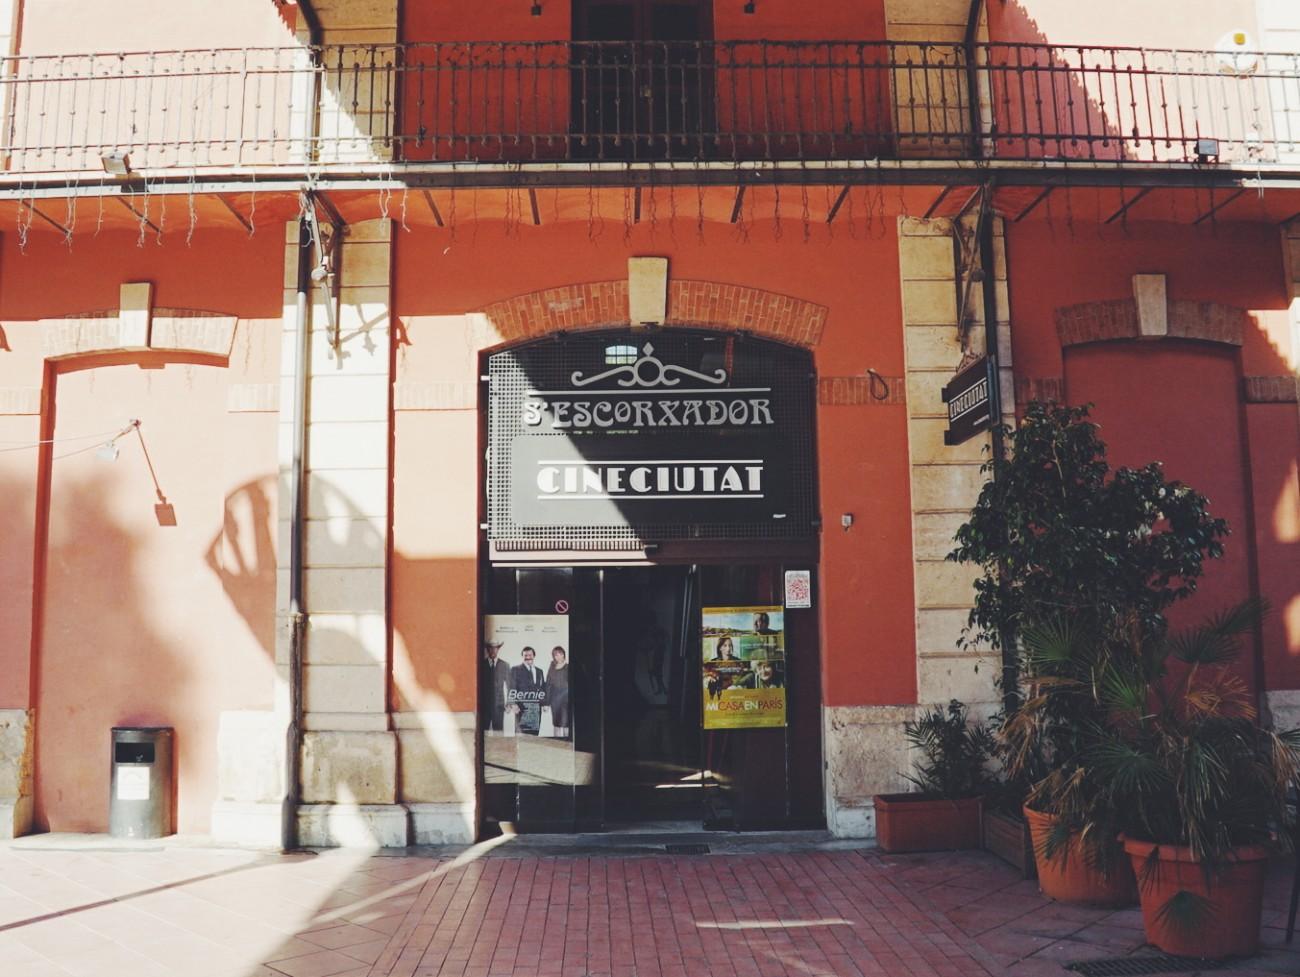 Cap sur l'île de Majorque pour visiter CinéCiutat, un cinéma sauvé de la fermeture par les habitants.